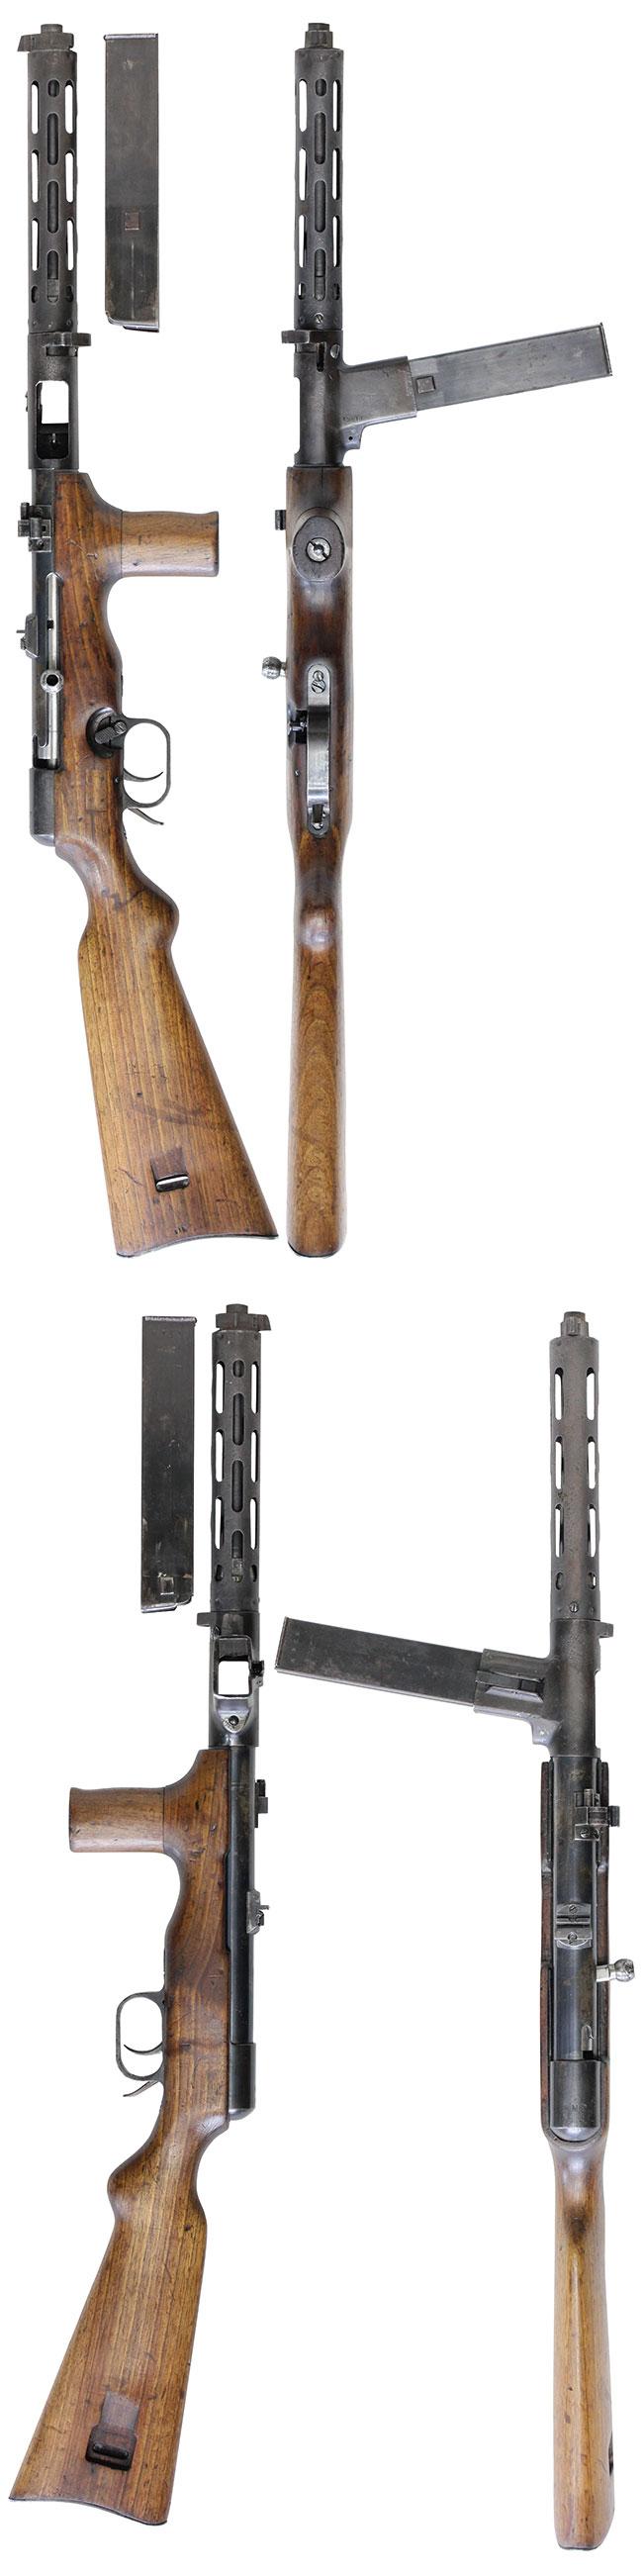 【3652】エルマ-EMP35-短機関銃-(#15812)右.jpg